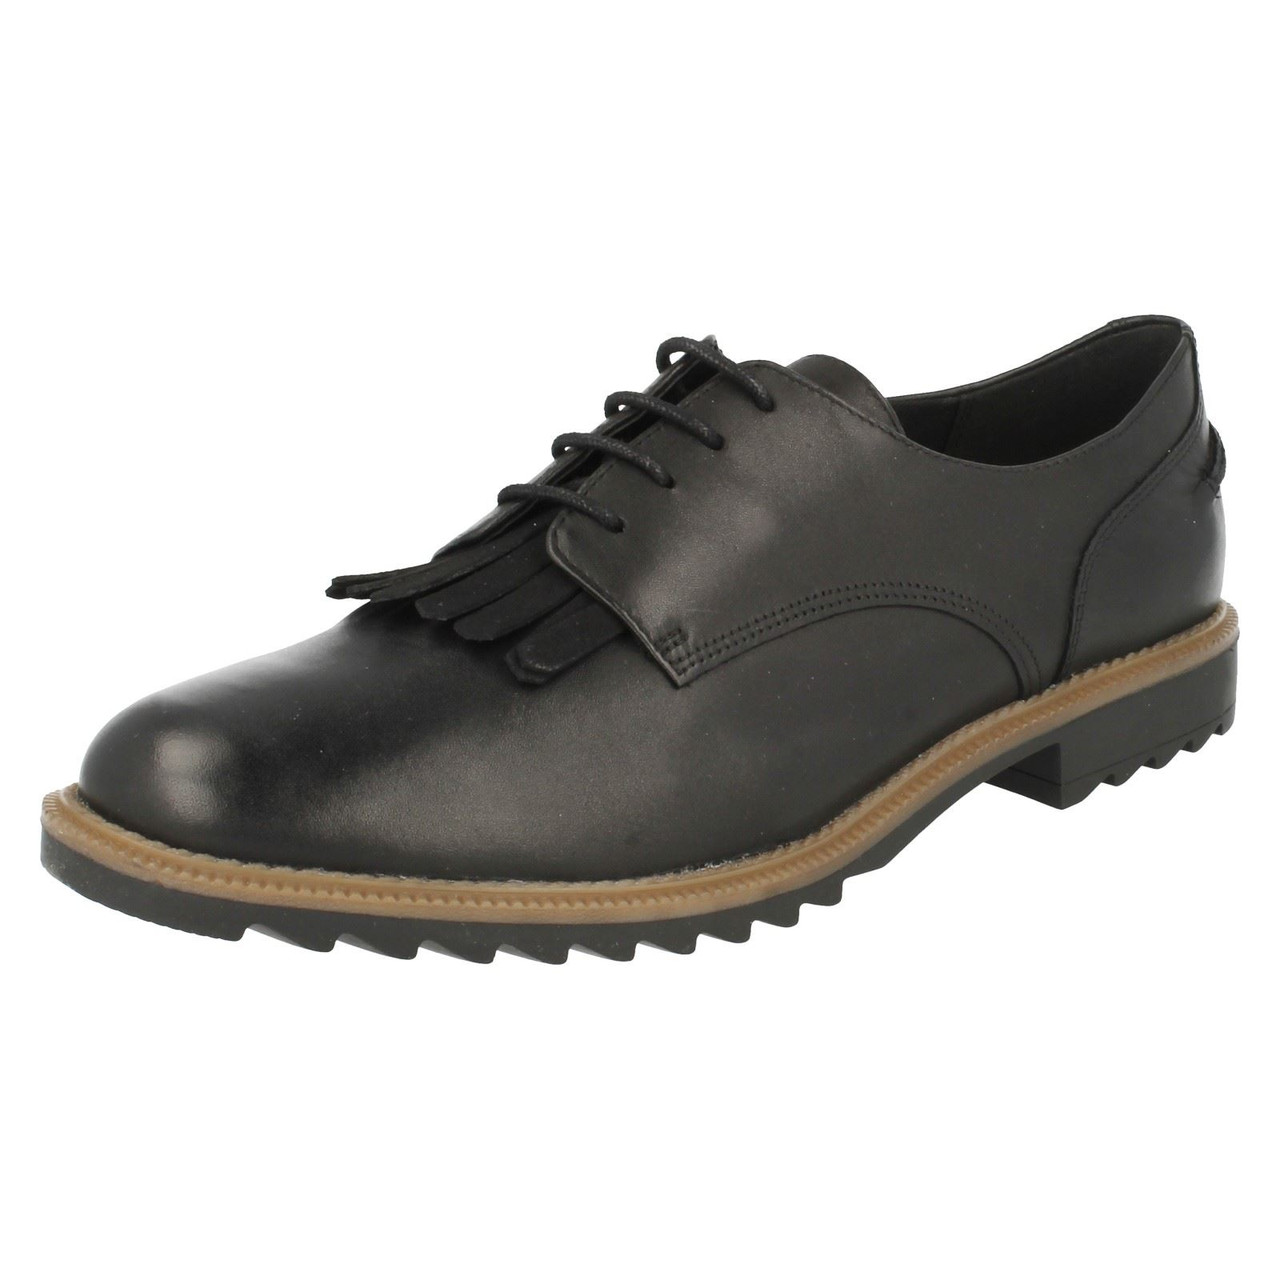 Ladies Clarks Smart Lace Up Shoes